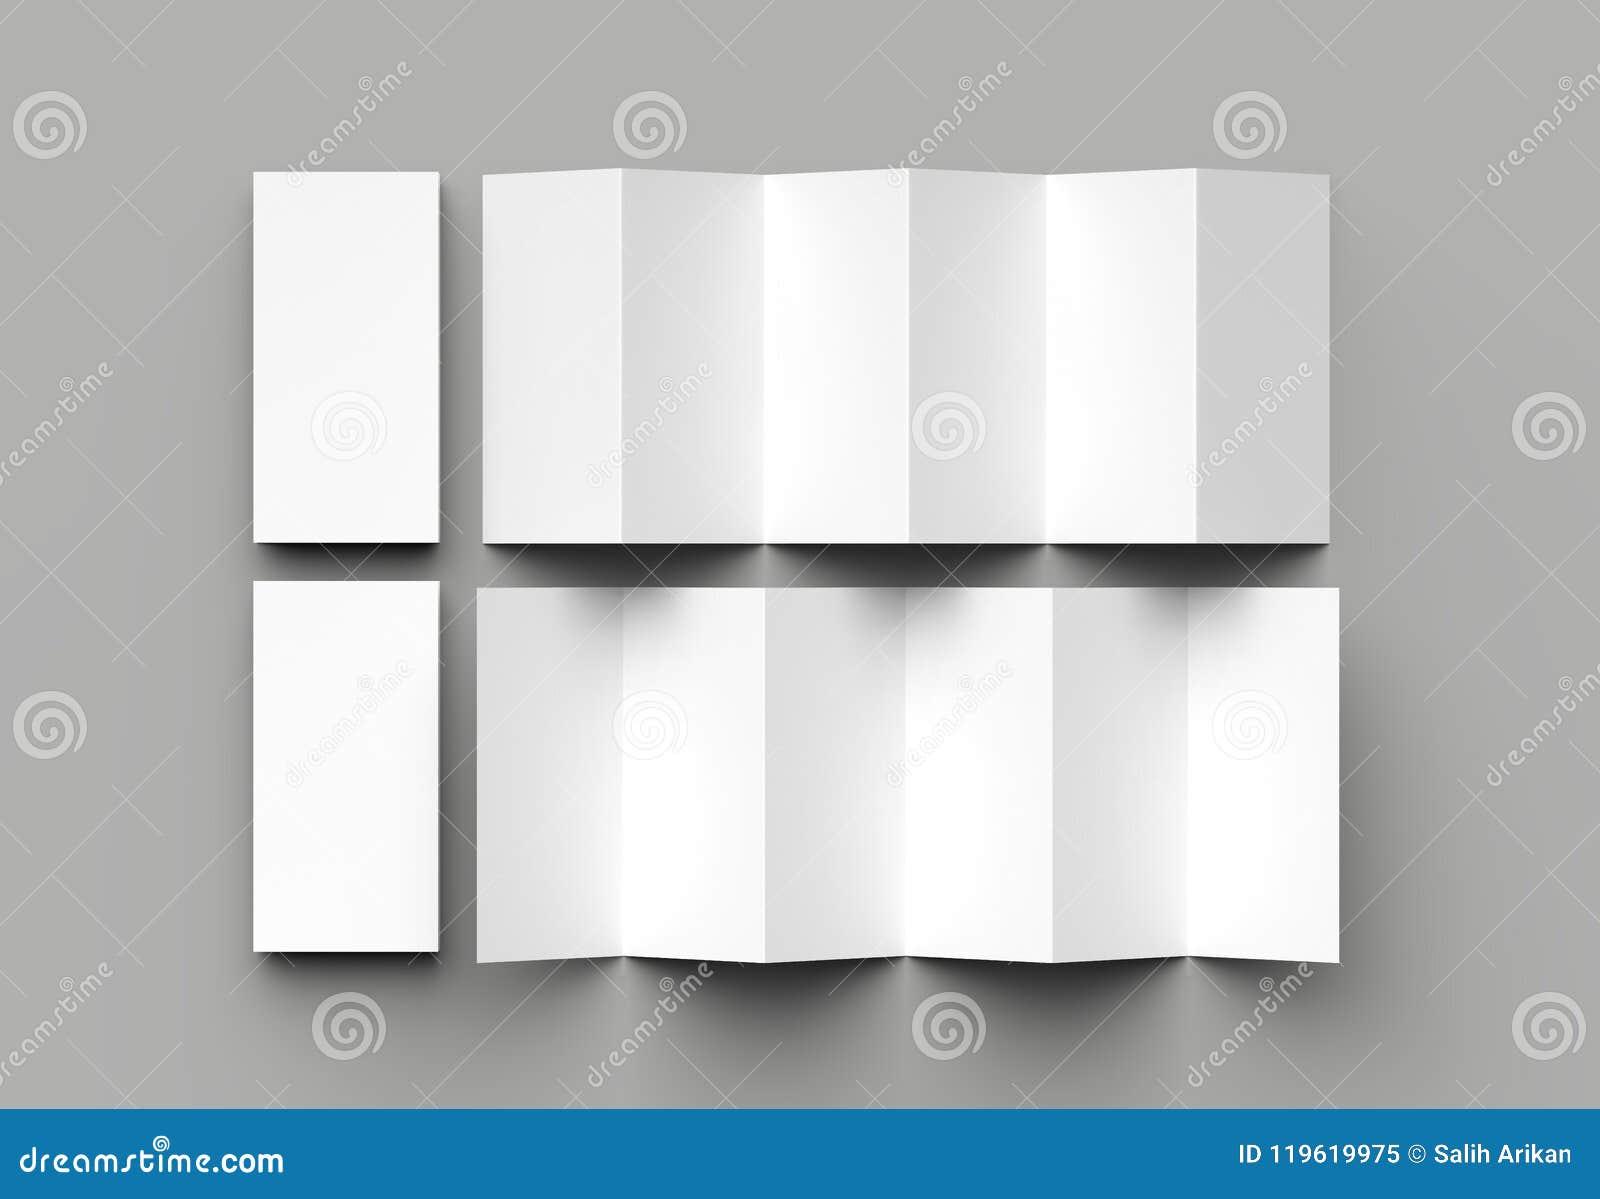 12 Page Leaflet 6 Panel Accordion Fold Z Fold Vertical Brochu